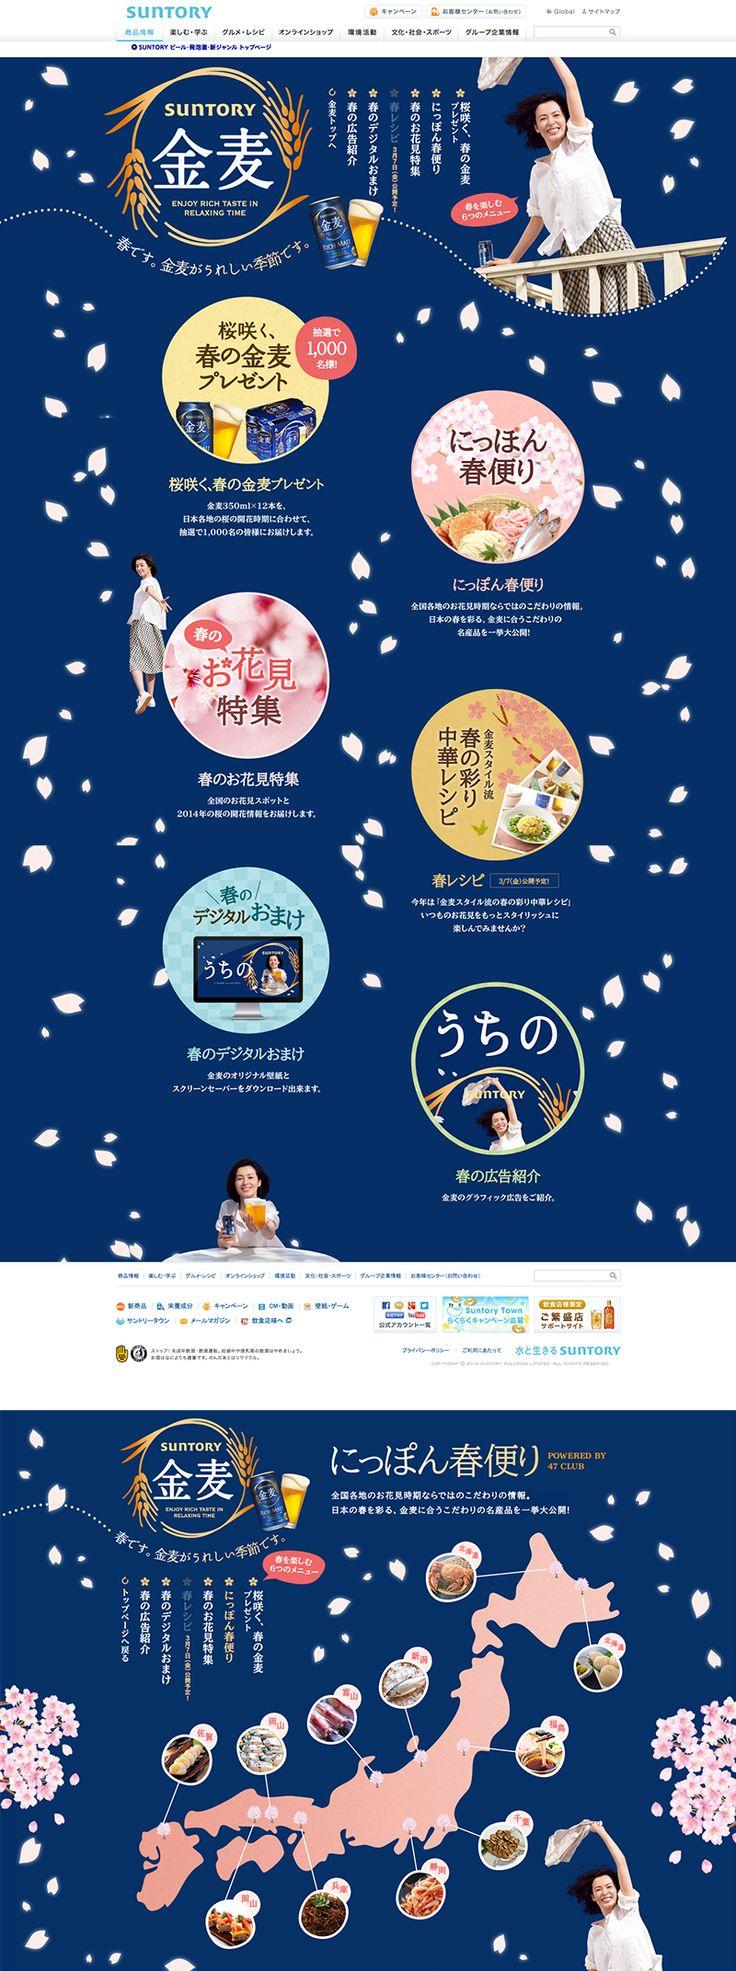 にっぽん春便り| 麦のうまみ、かがやく。サントリー金麦  http://www.suntory.co.jp/beer/kinmugi/haru2014/index.html